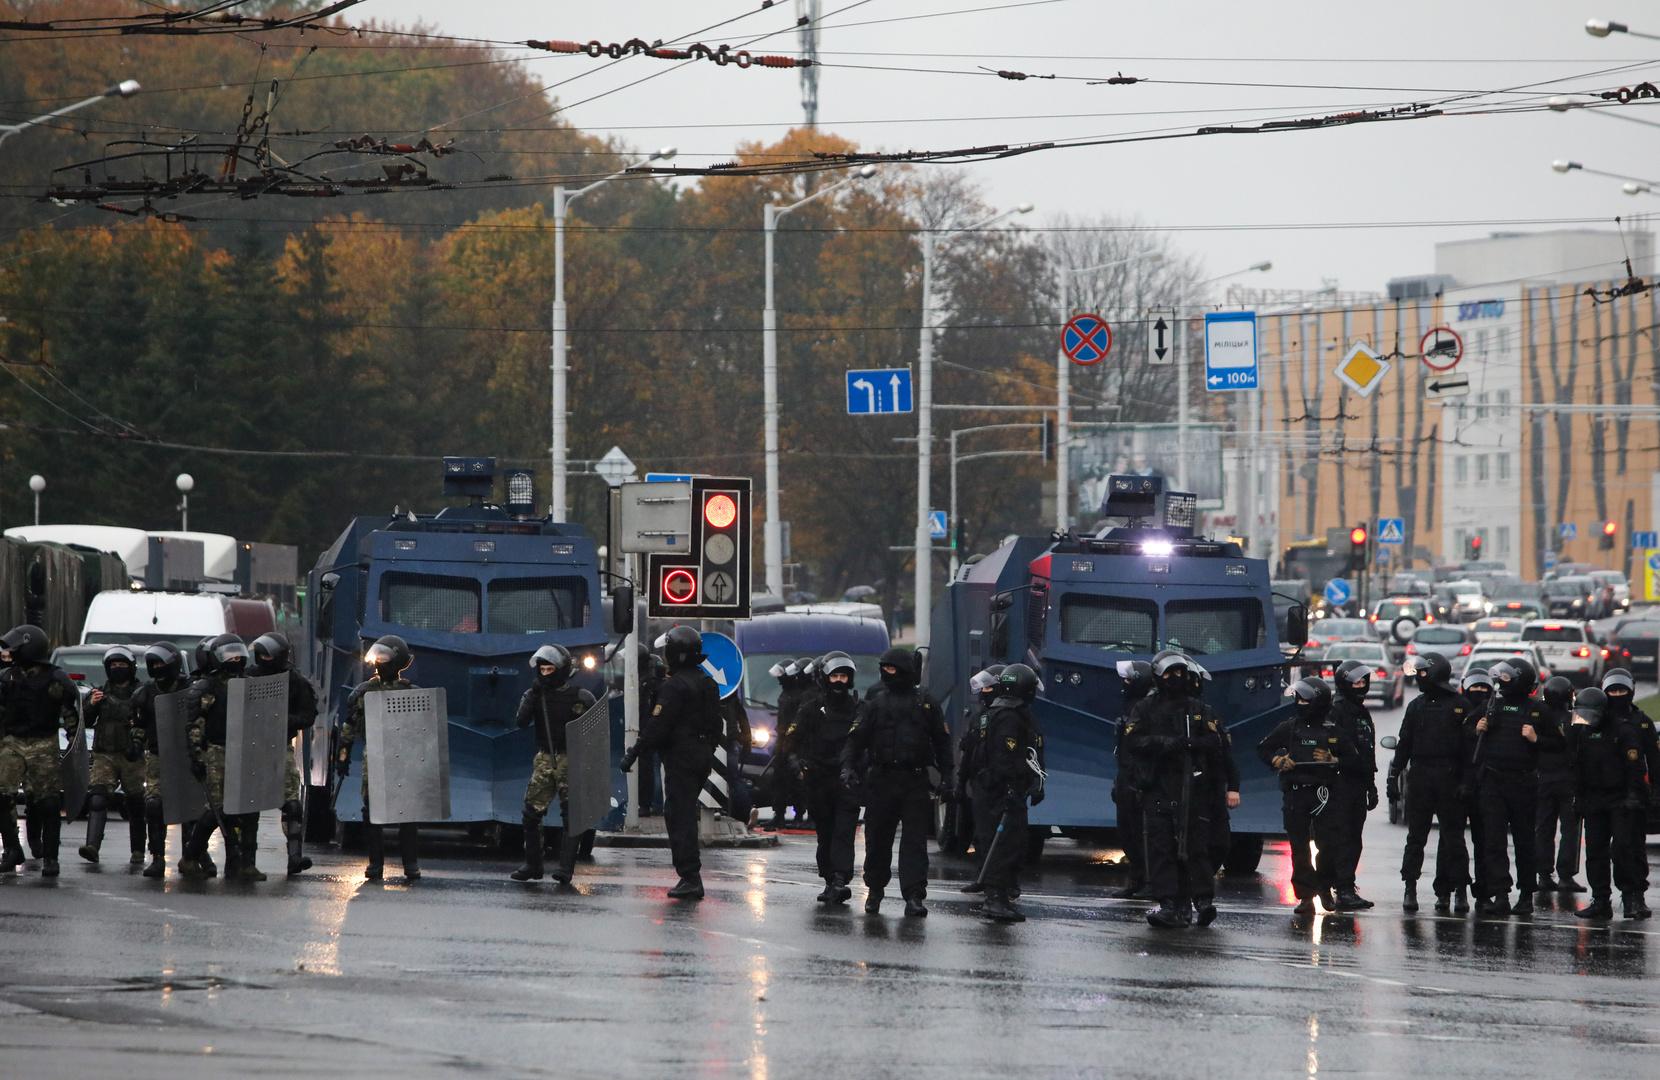 إغلاق عدد من محطات المترو في العاصمة البيلاروسية على خلفية احتجاجات